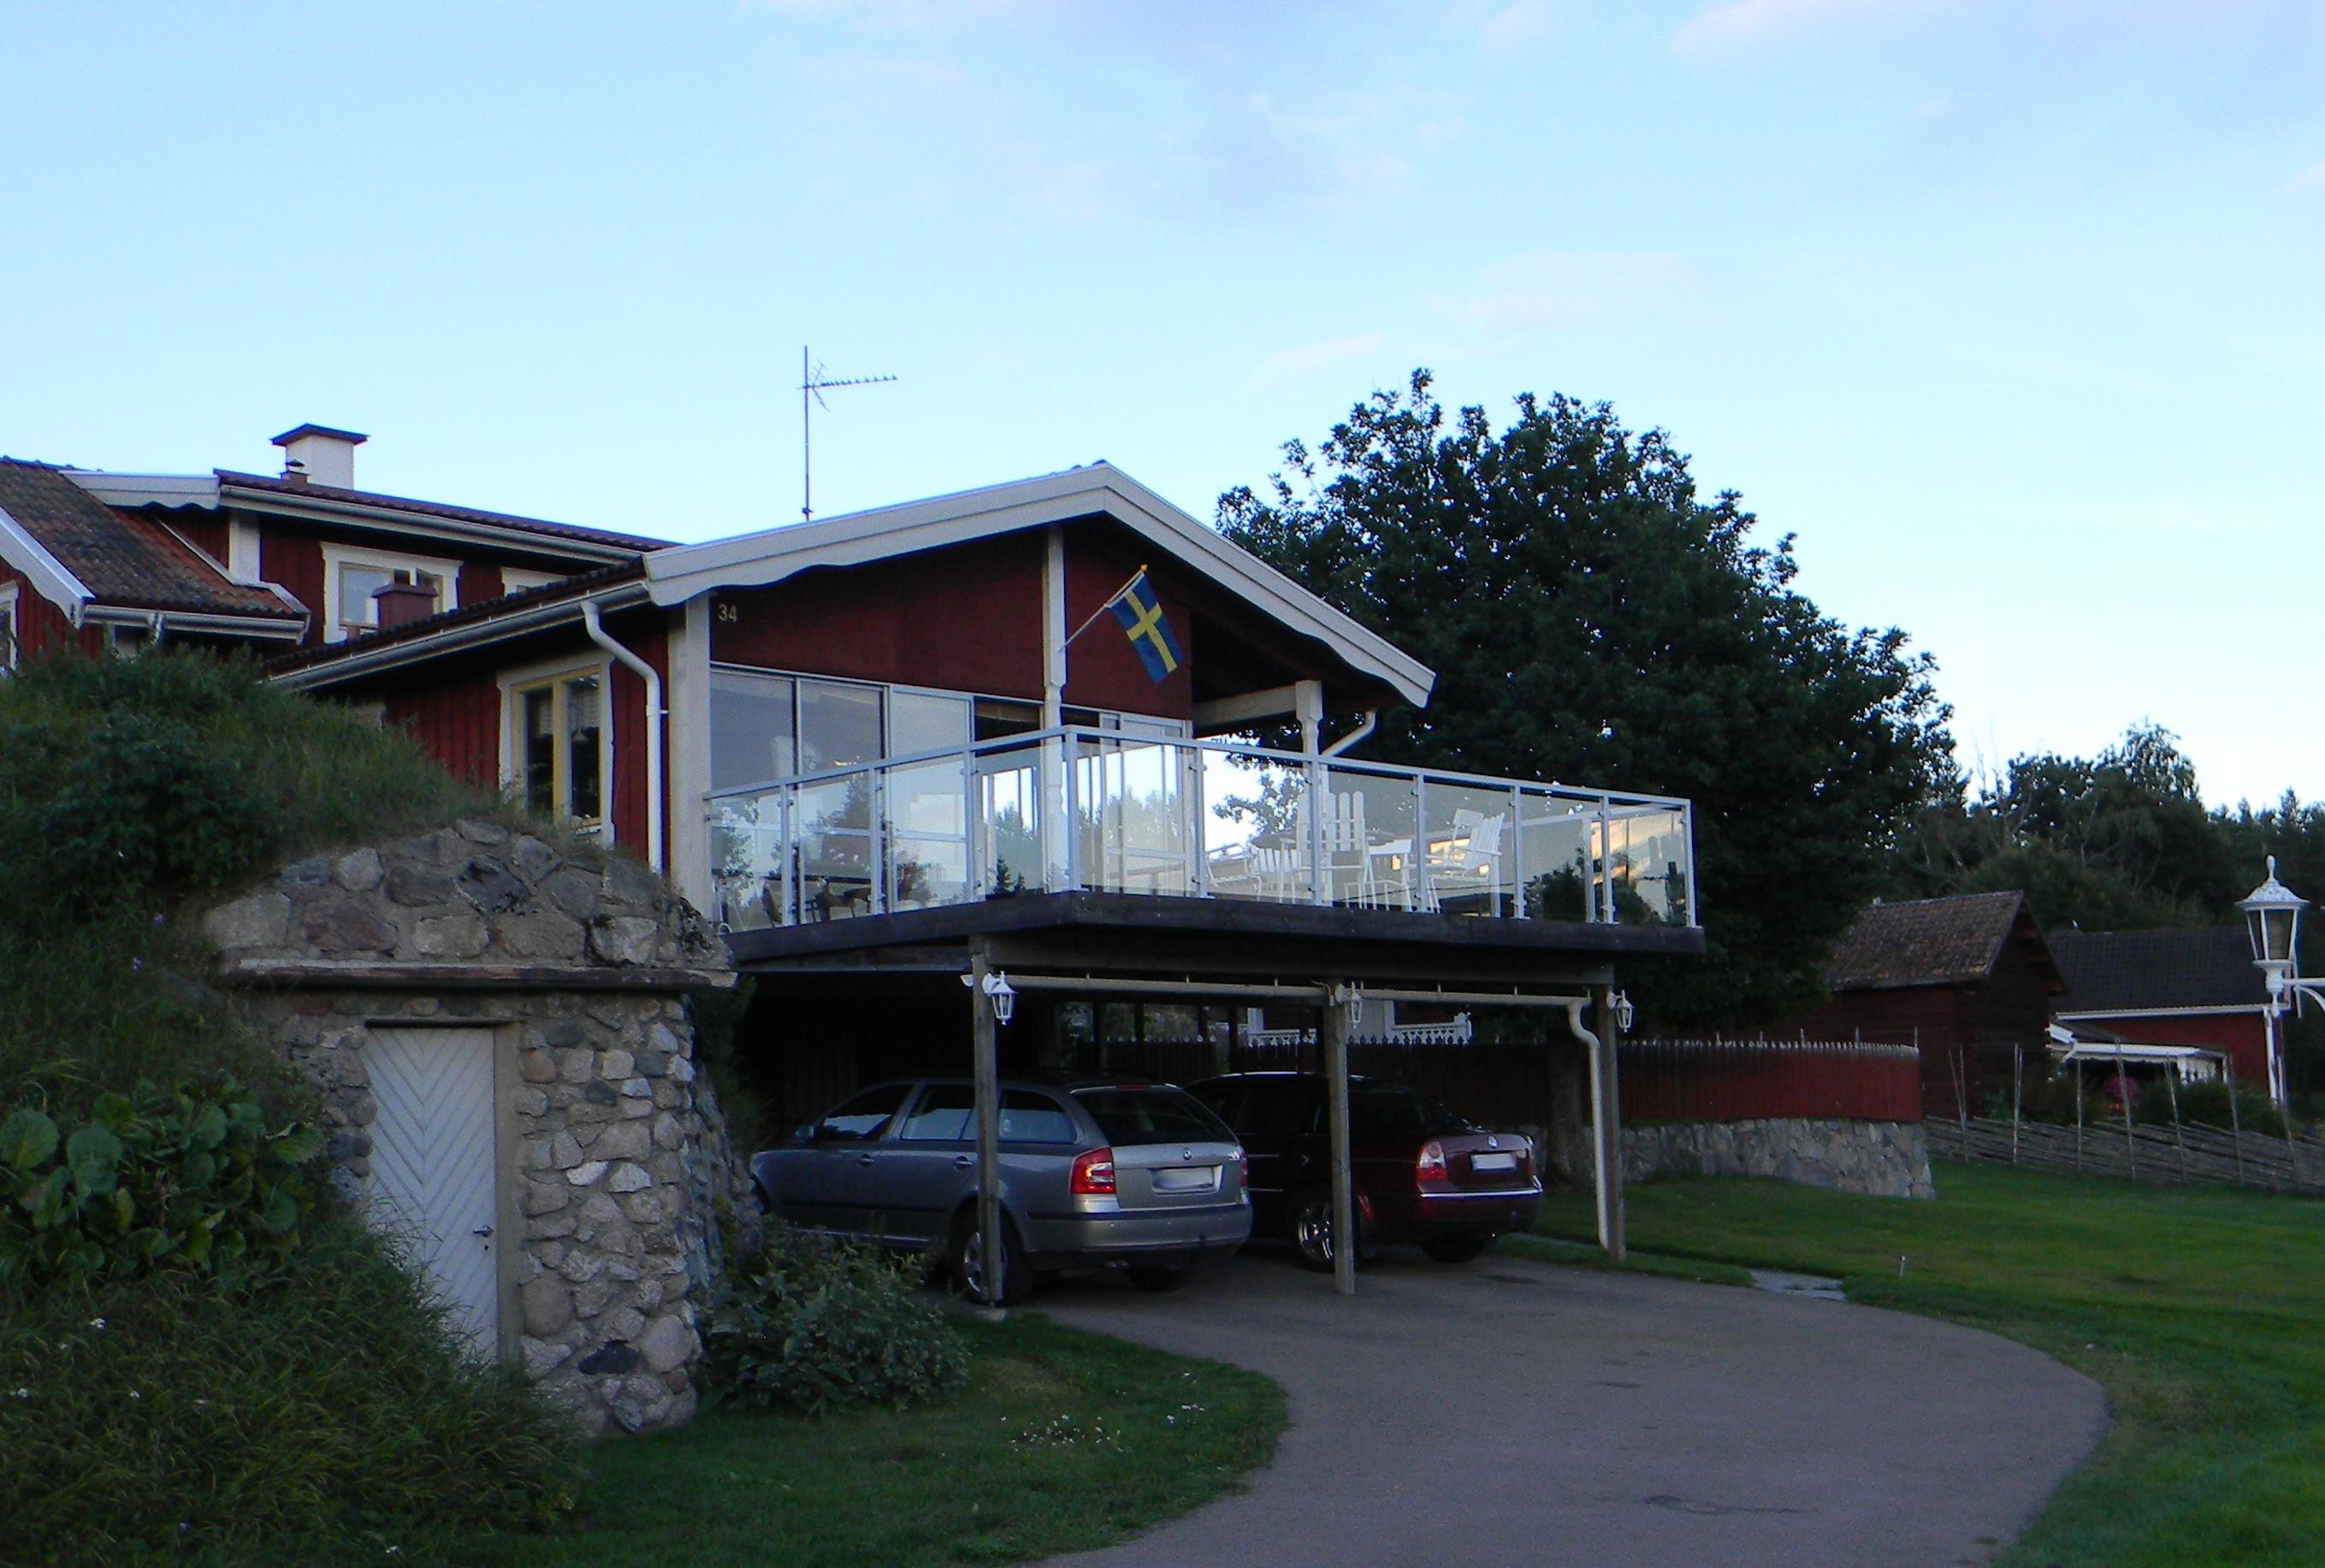 Marvelous Altes Haus Renovieren Vorher Nachher Reference Of Balkongeländer Mit Holz